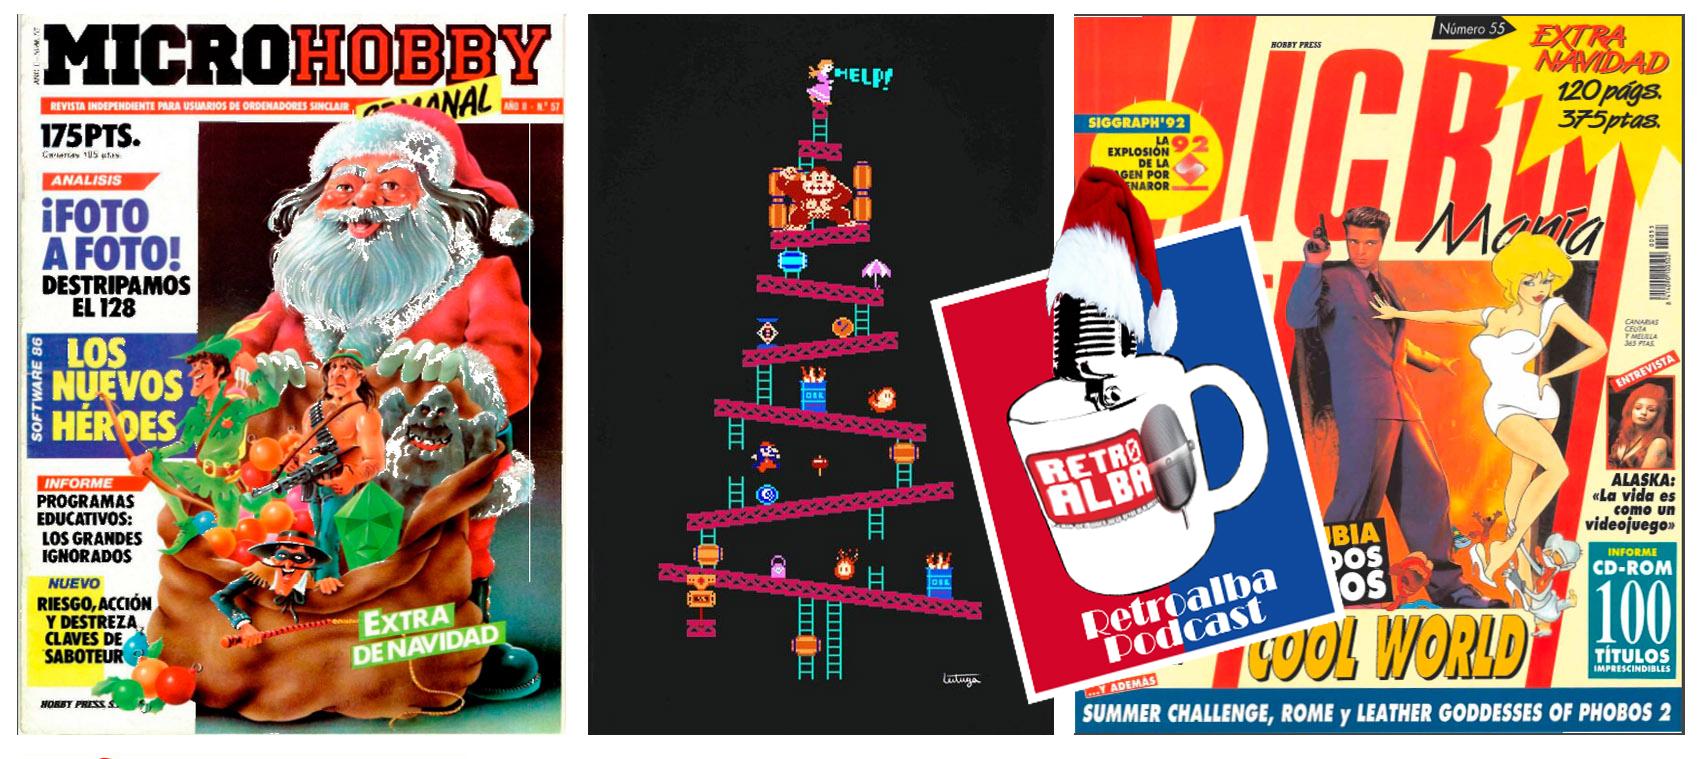 Retroalba Podcast Episodio 36: Especial Navidad y Revistas de videojuegos. Vol.1